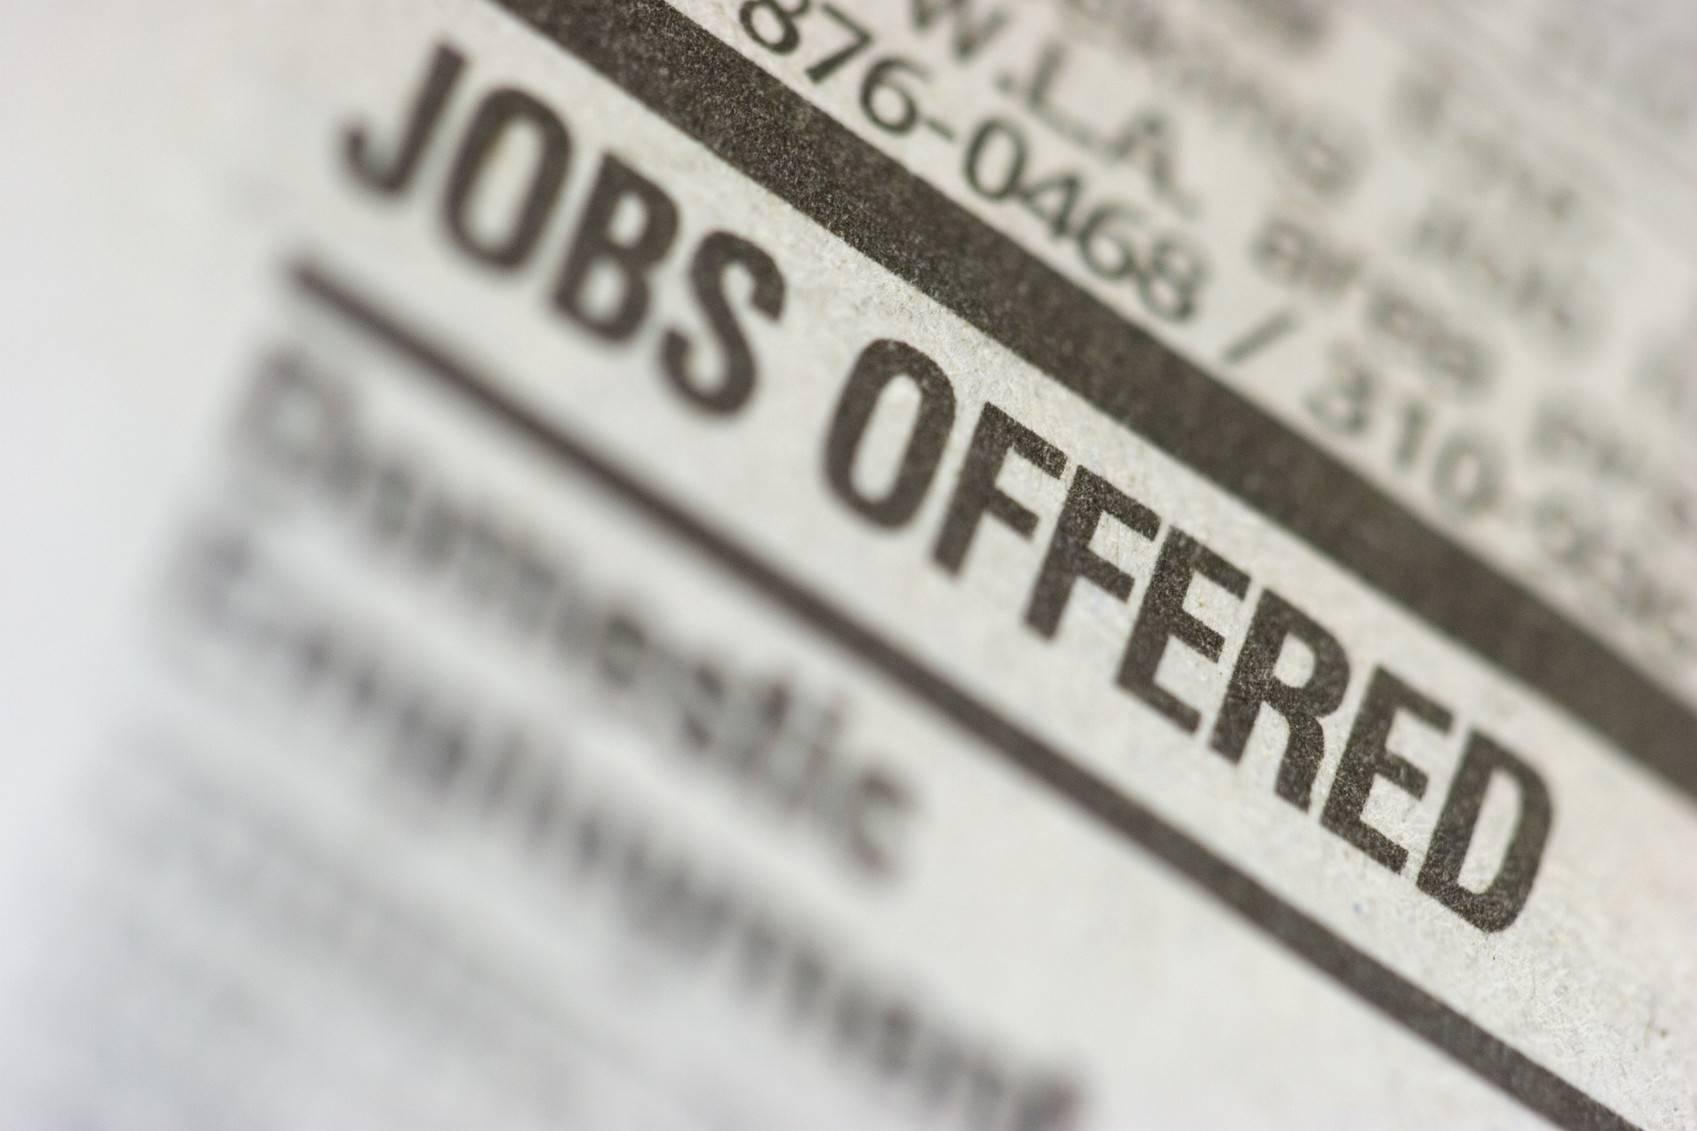 Vrei un loc de muncă? Vezi aici oferta pentru Câmpina